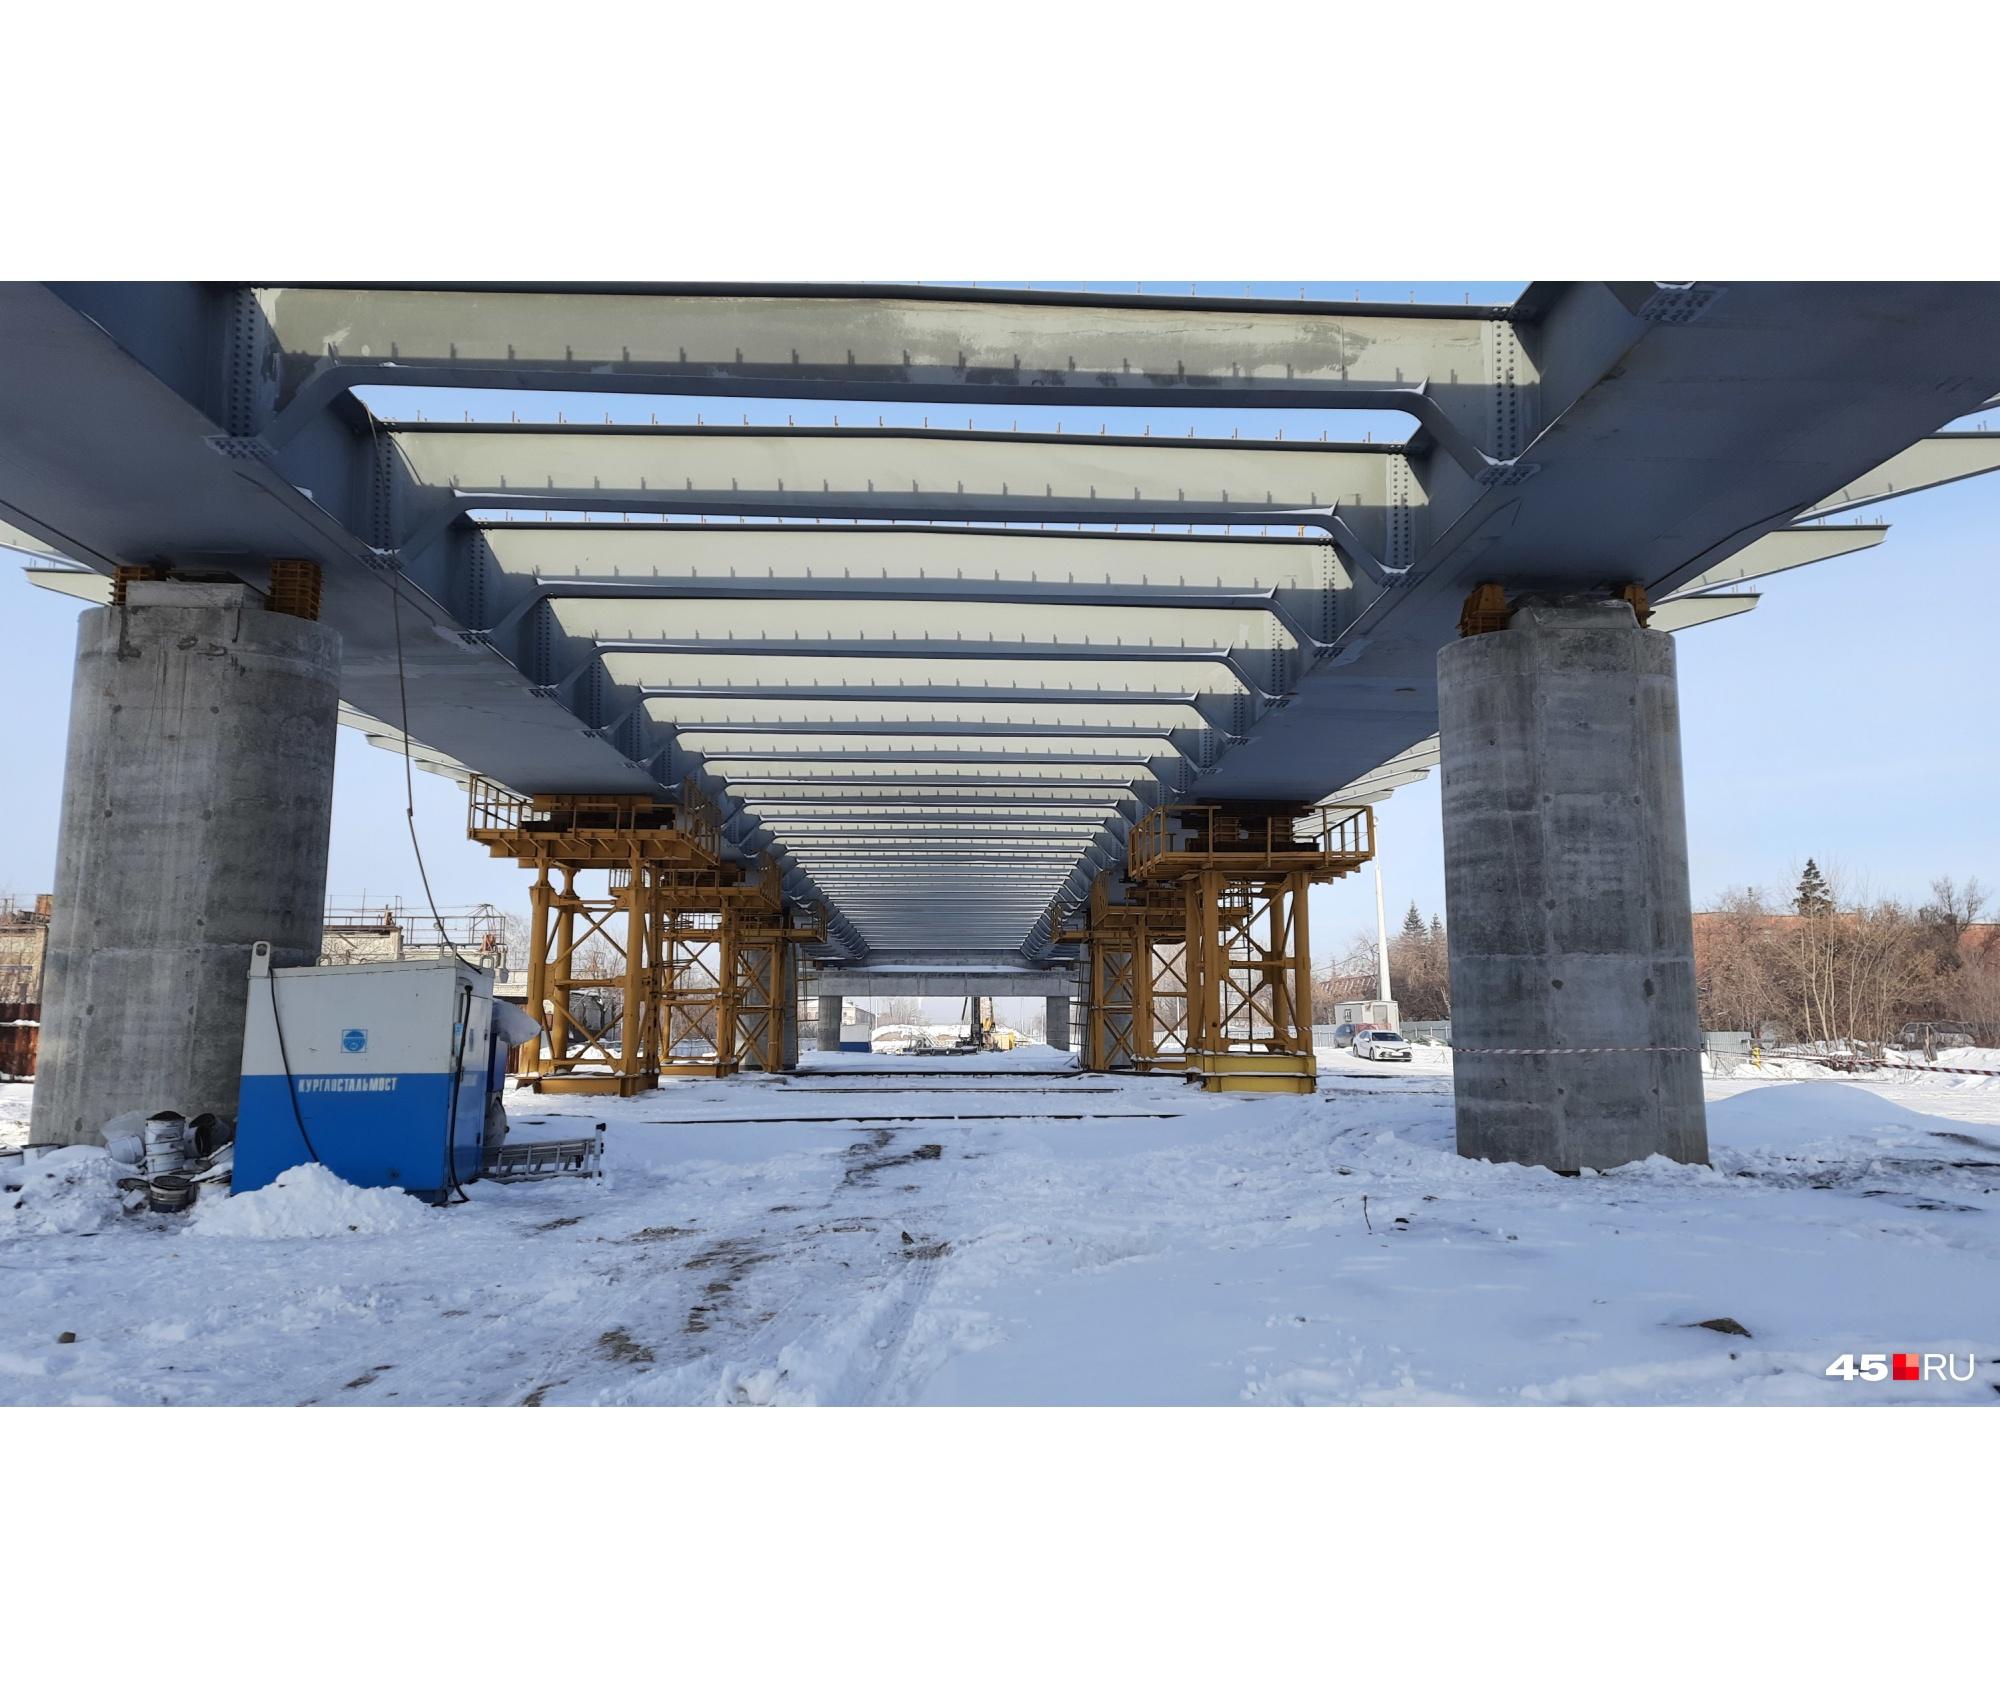 Мост планируют сдать уже этим летом